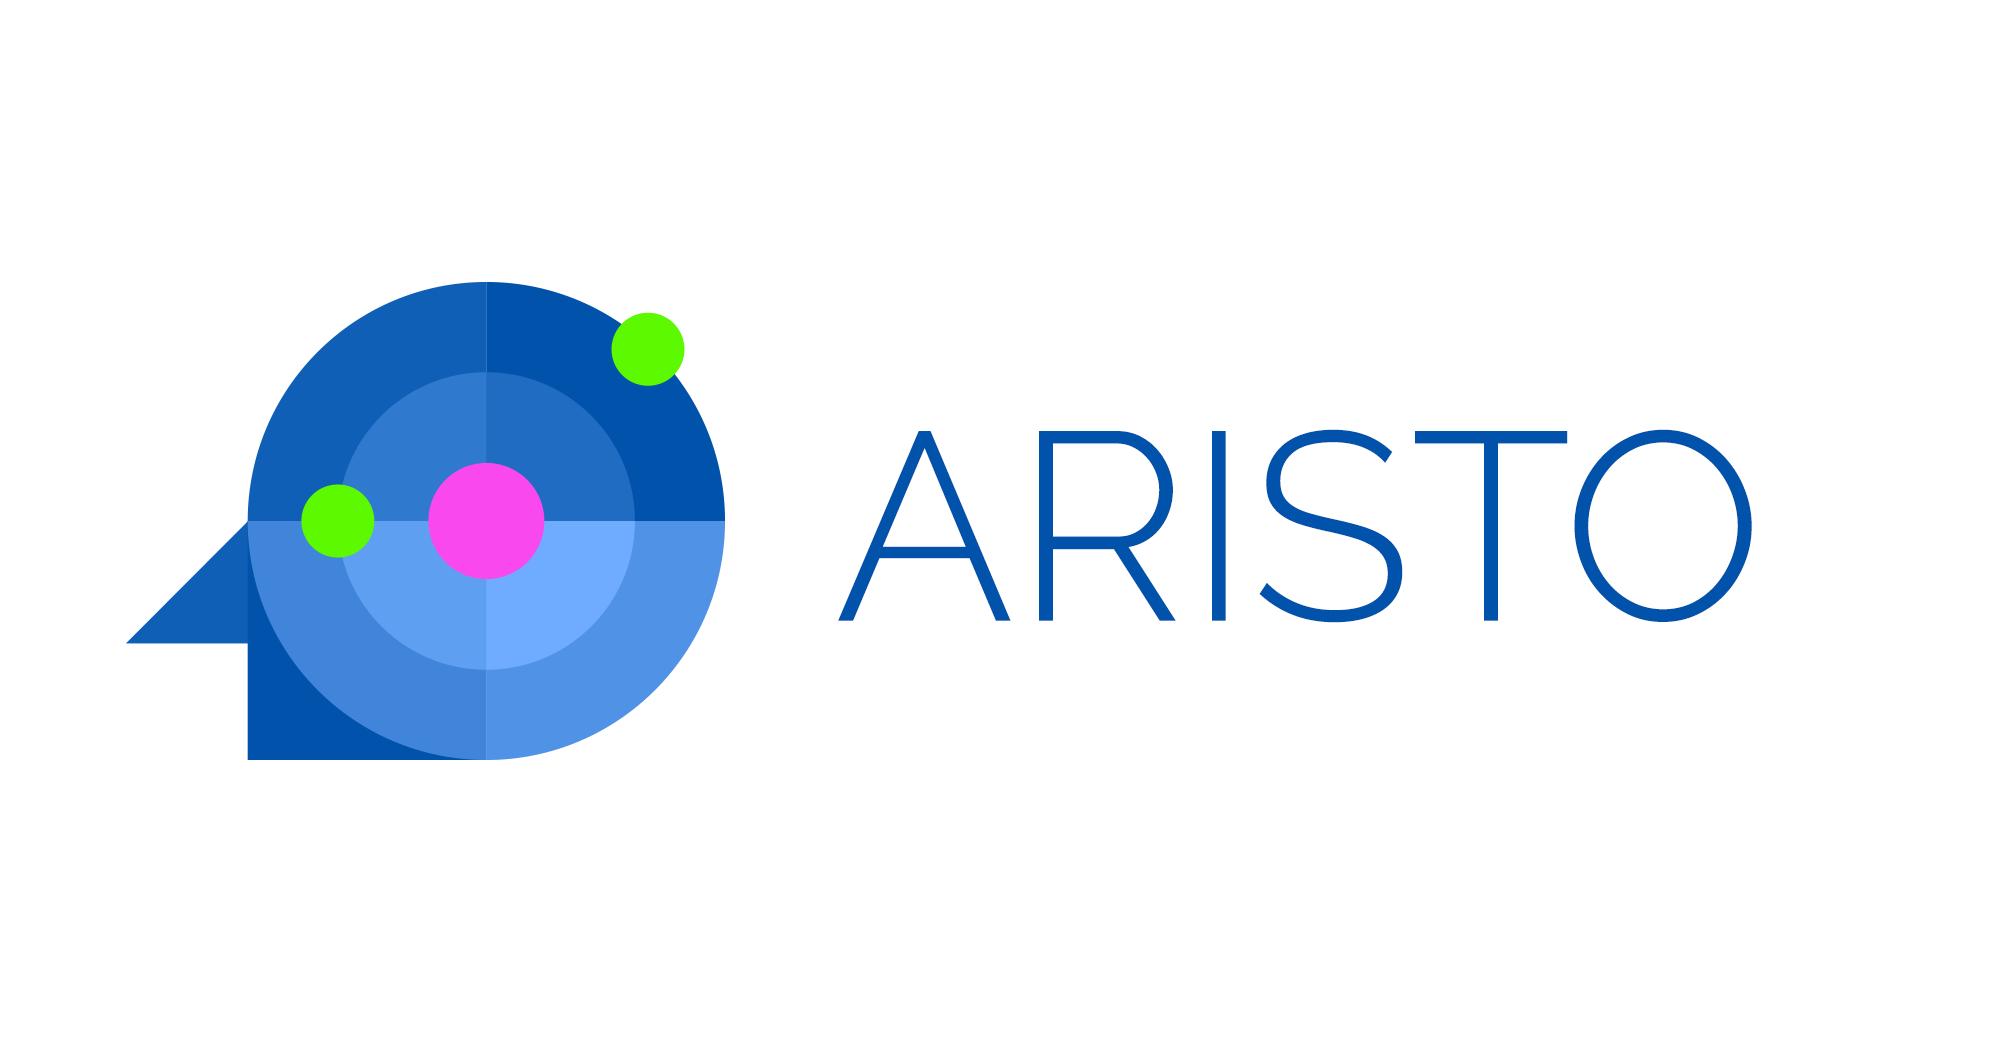 c1-sub-brands-aristo